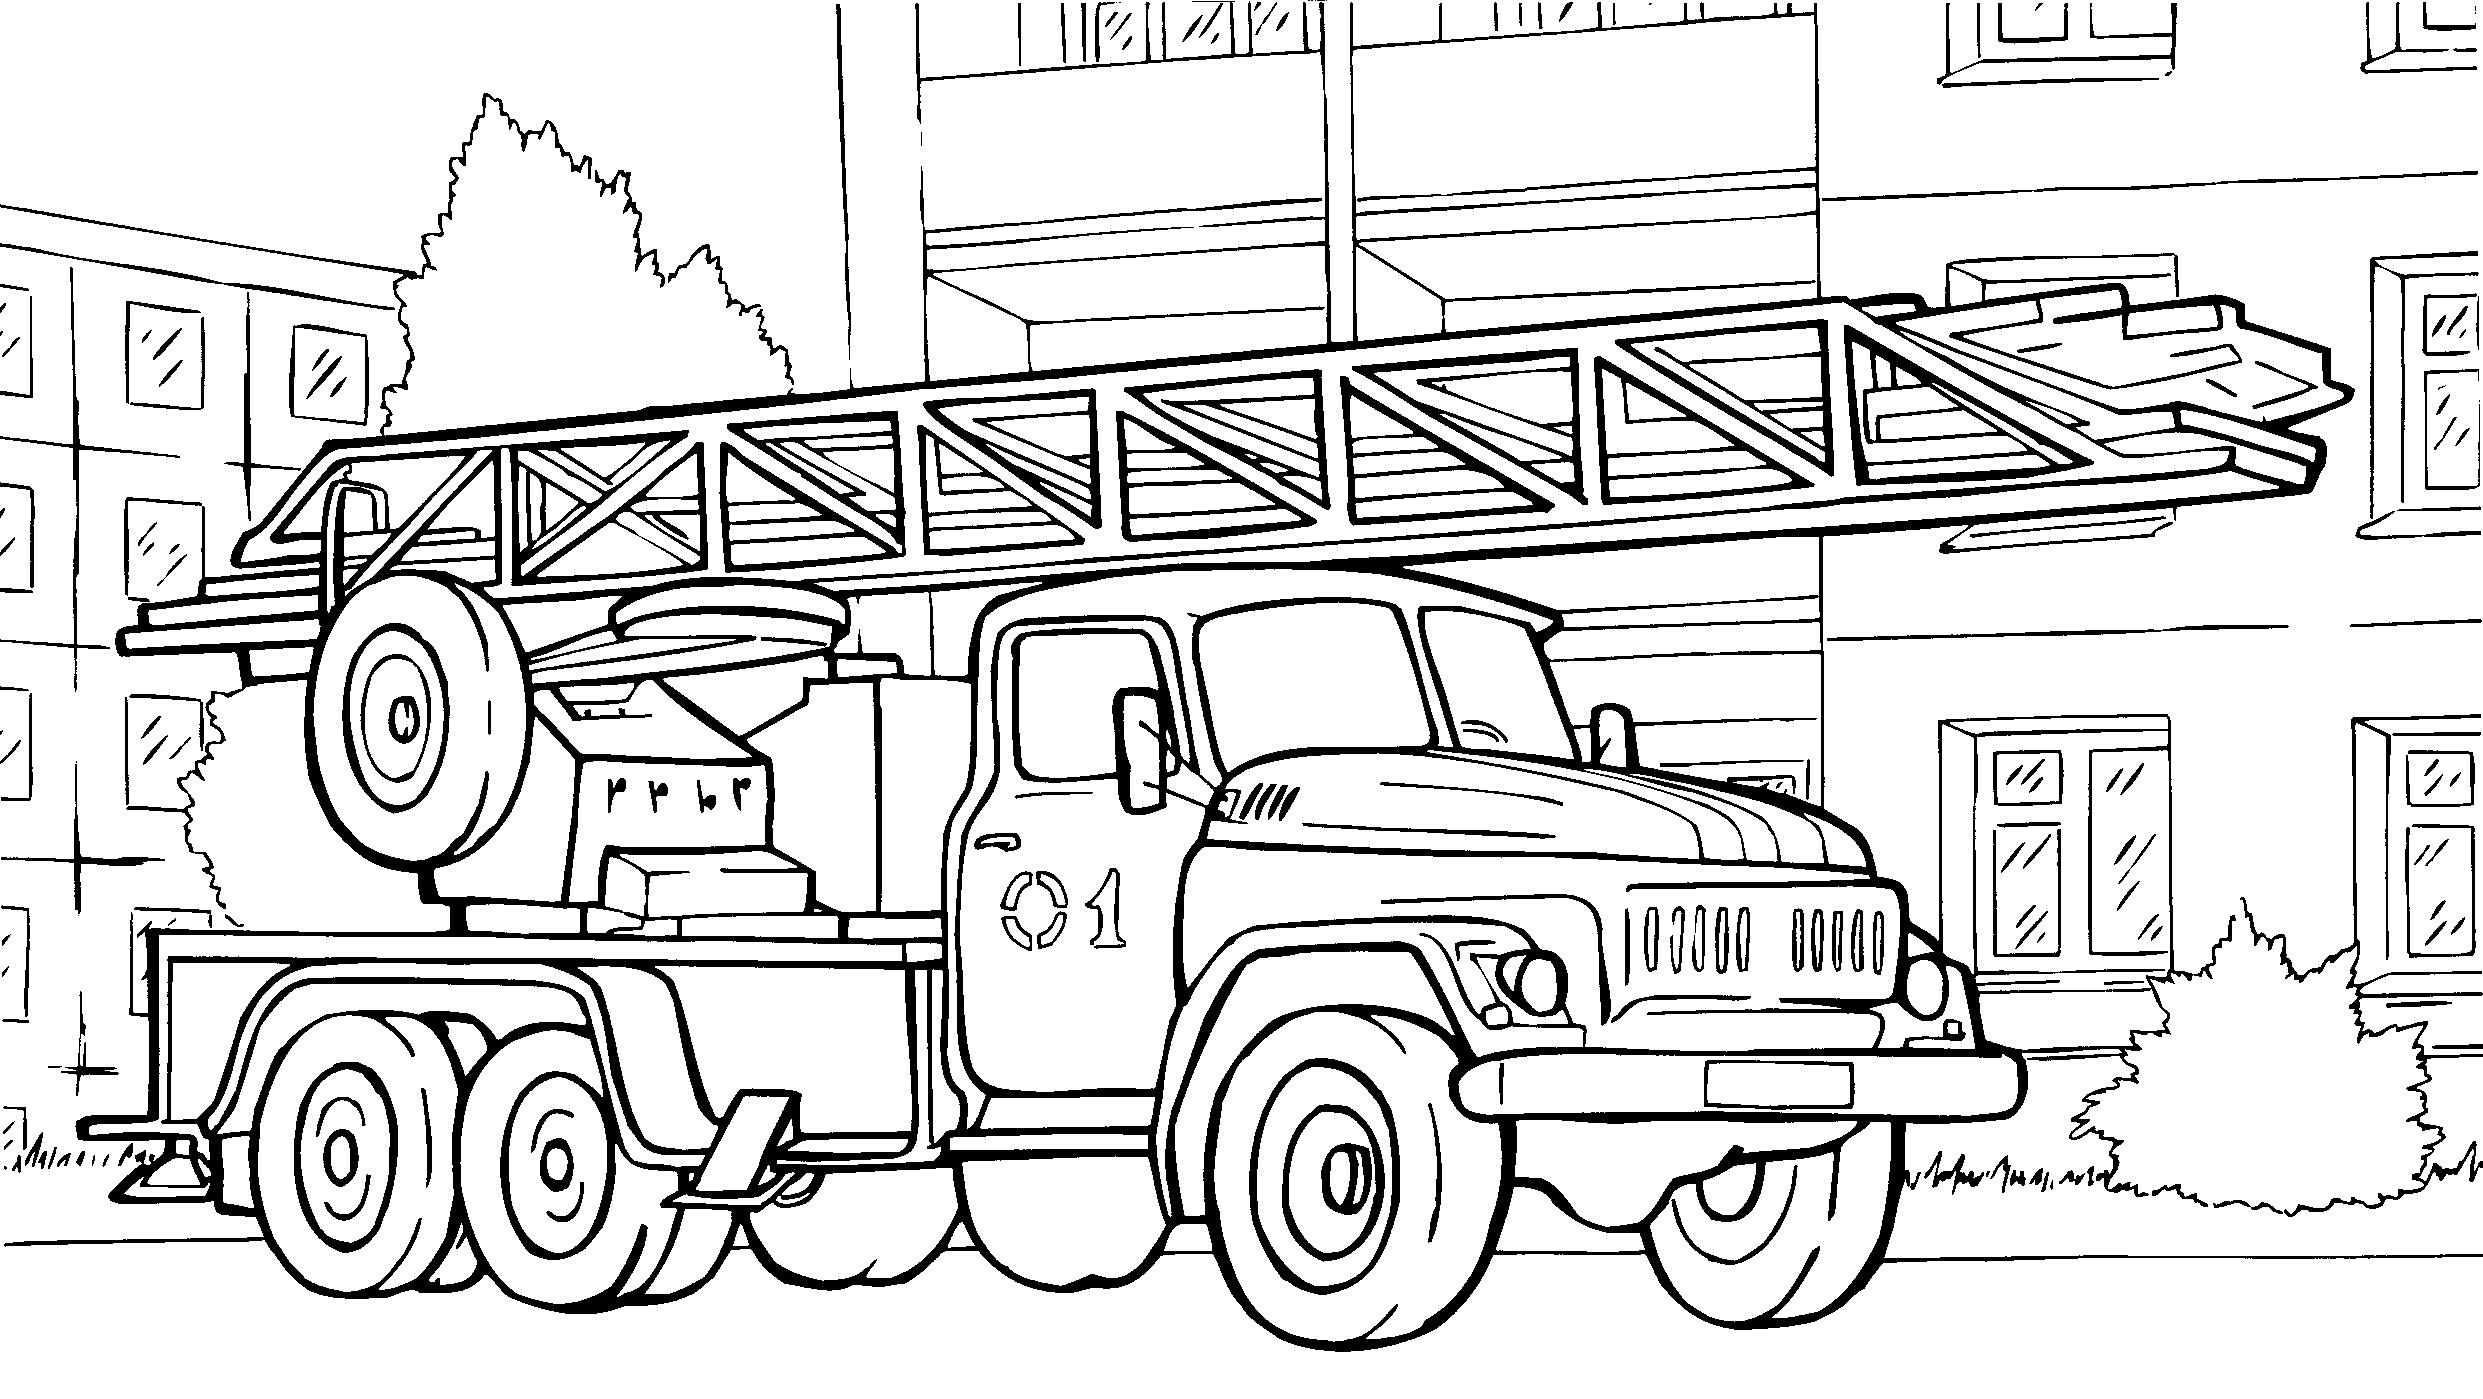 Раскраска Пожарная машина распечатать или скачать бесплатно